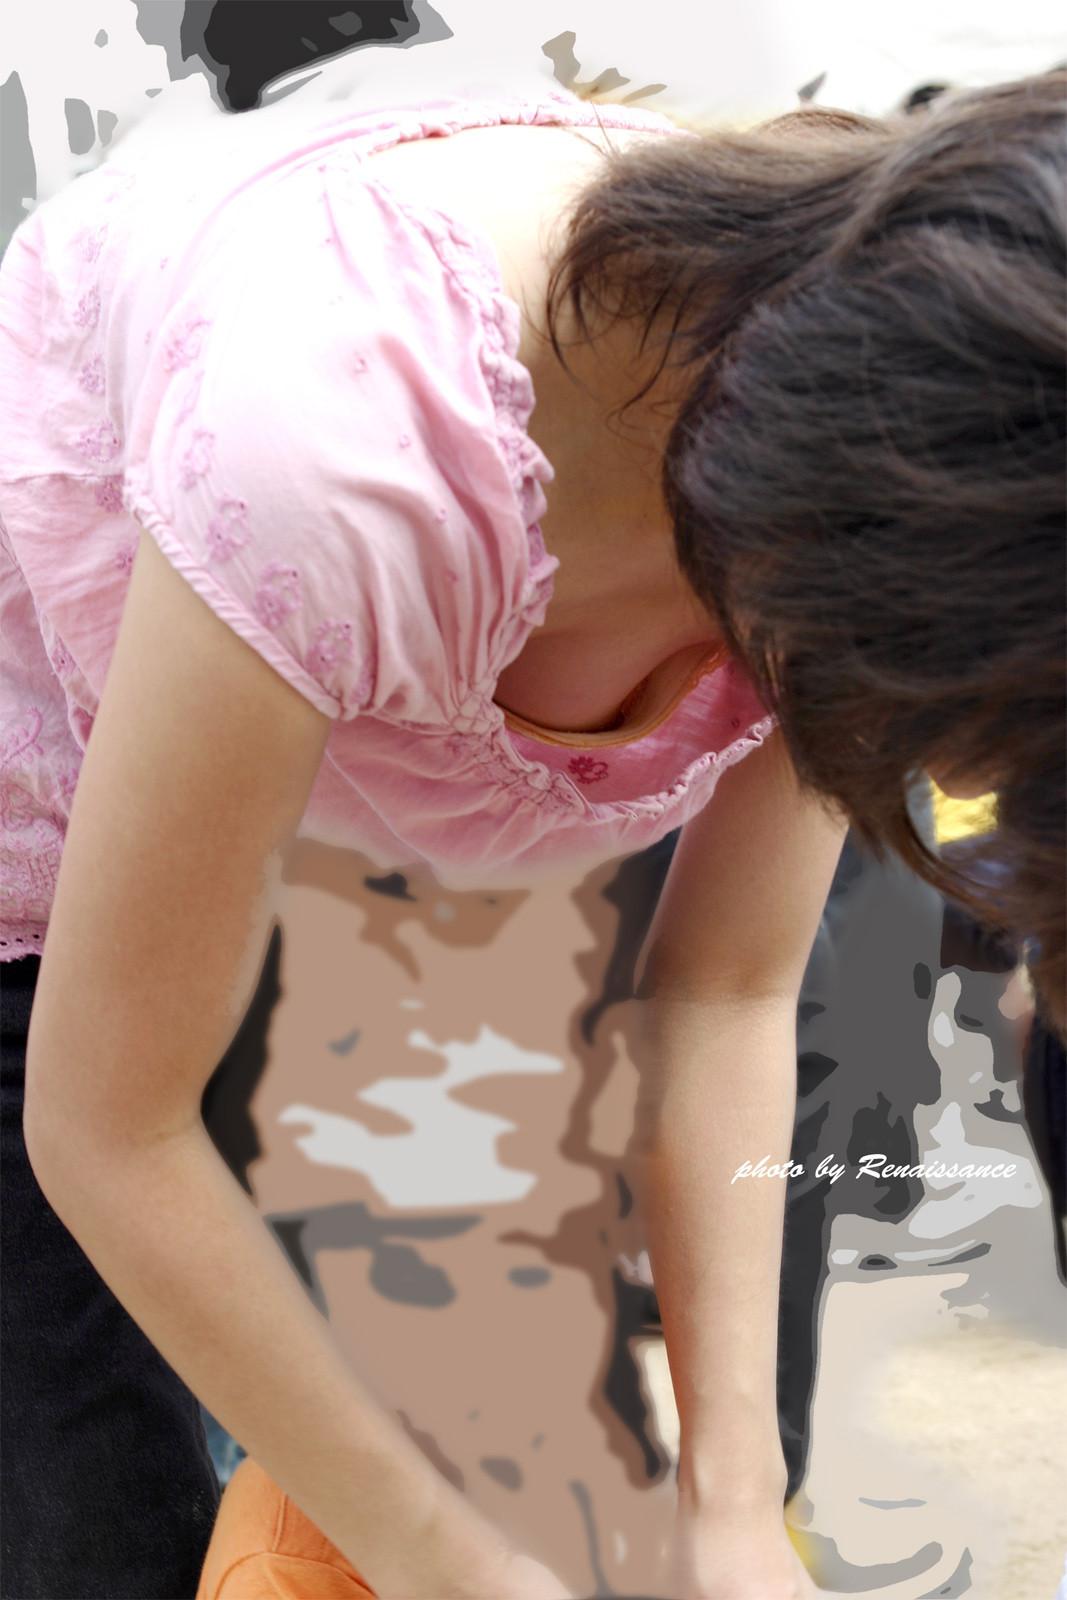 【胸チラエロ画像】おおっ!あの濃い色は…胸チラ狙うなら乳首もゲットするまで(*´д`*)